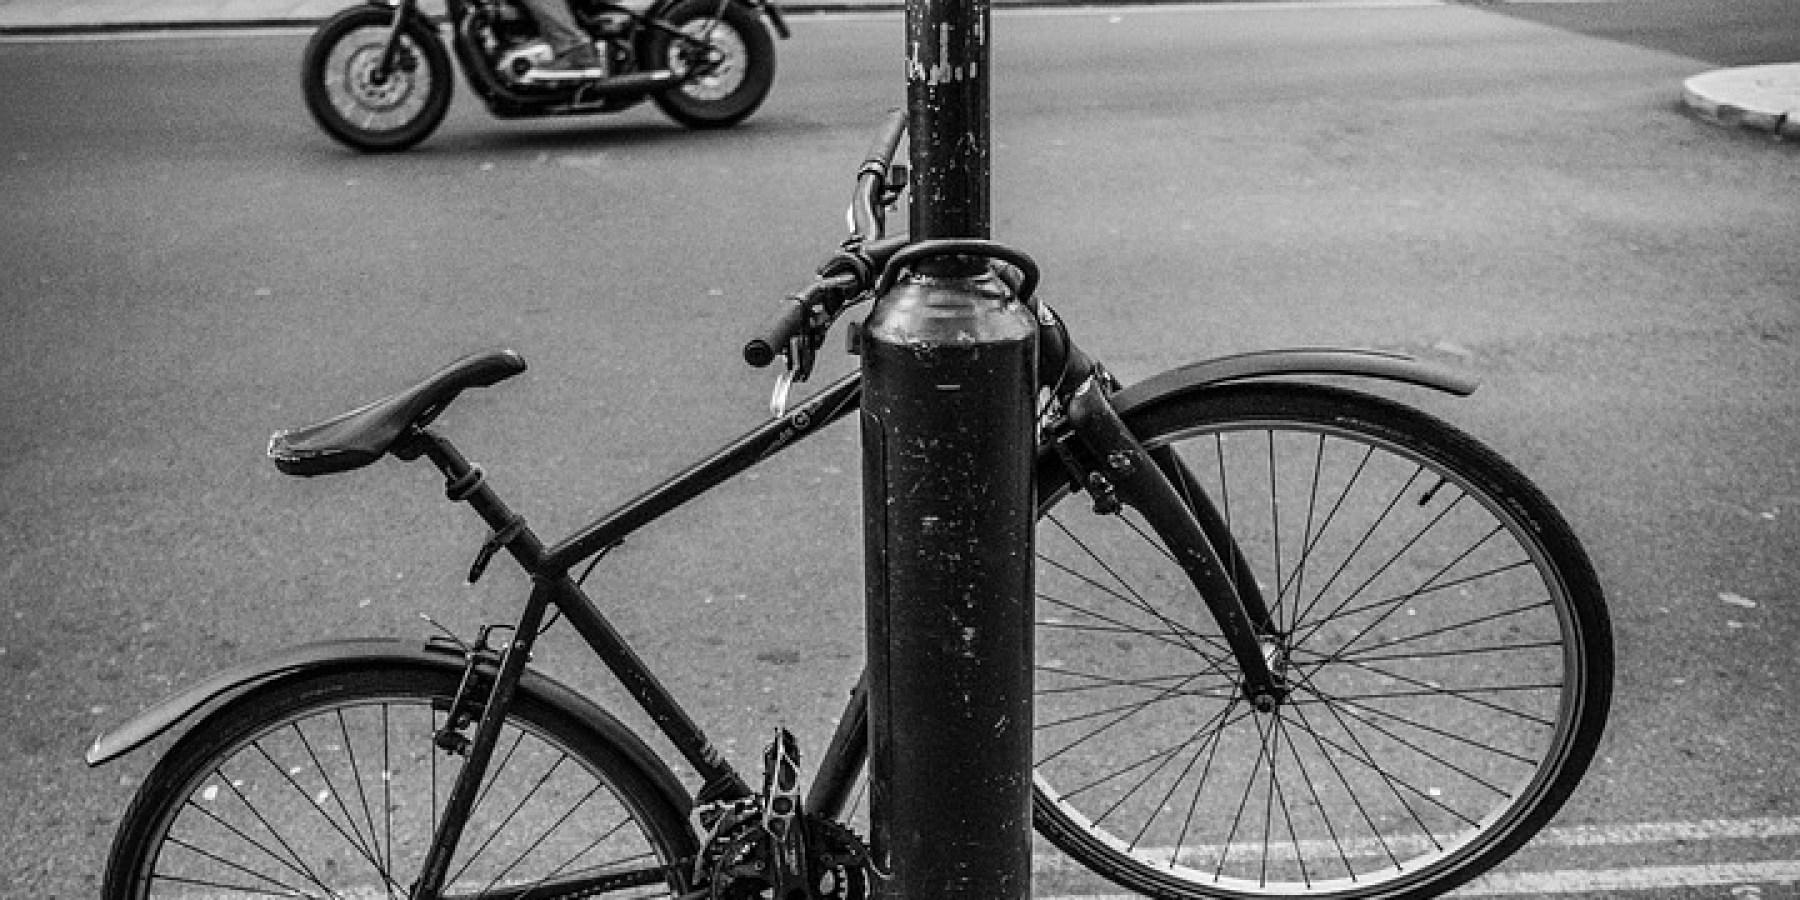 Aufmerksame Zeugen verhindern Fahrraddiebstahl